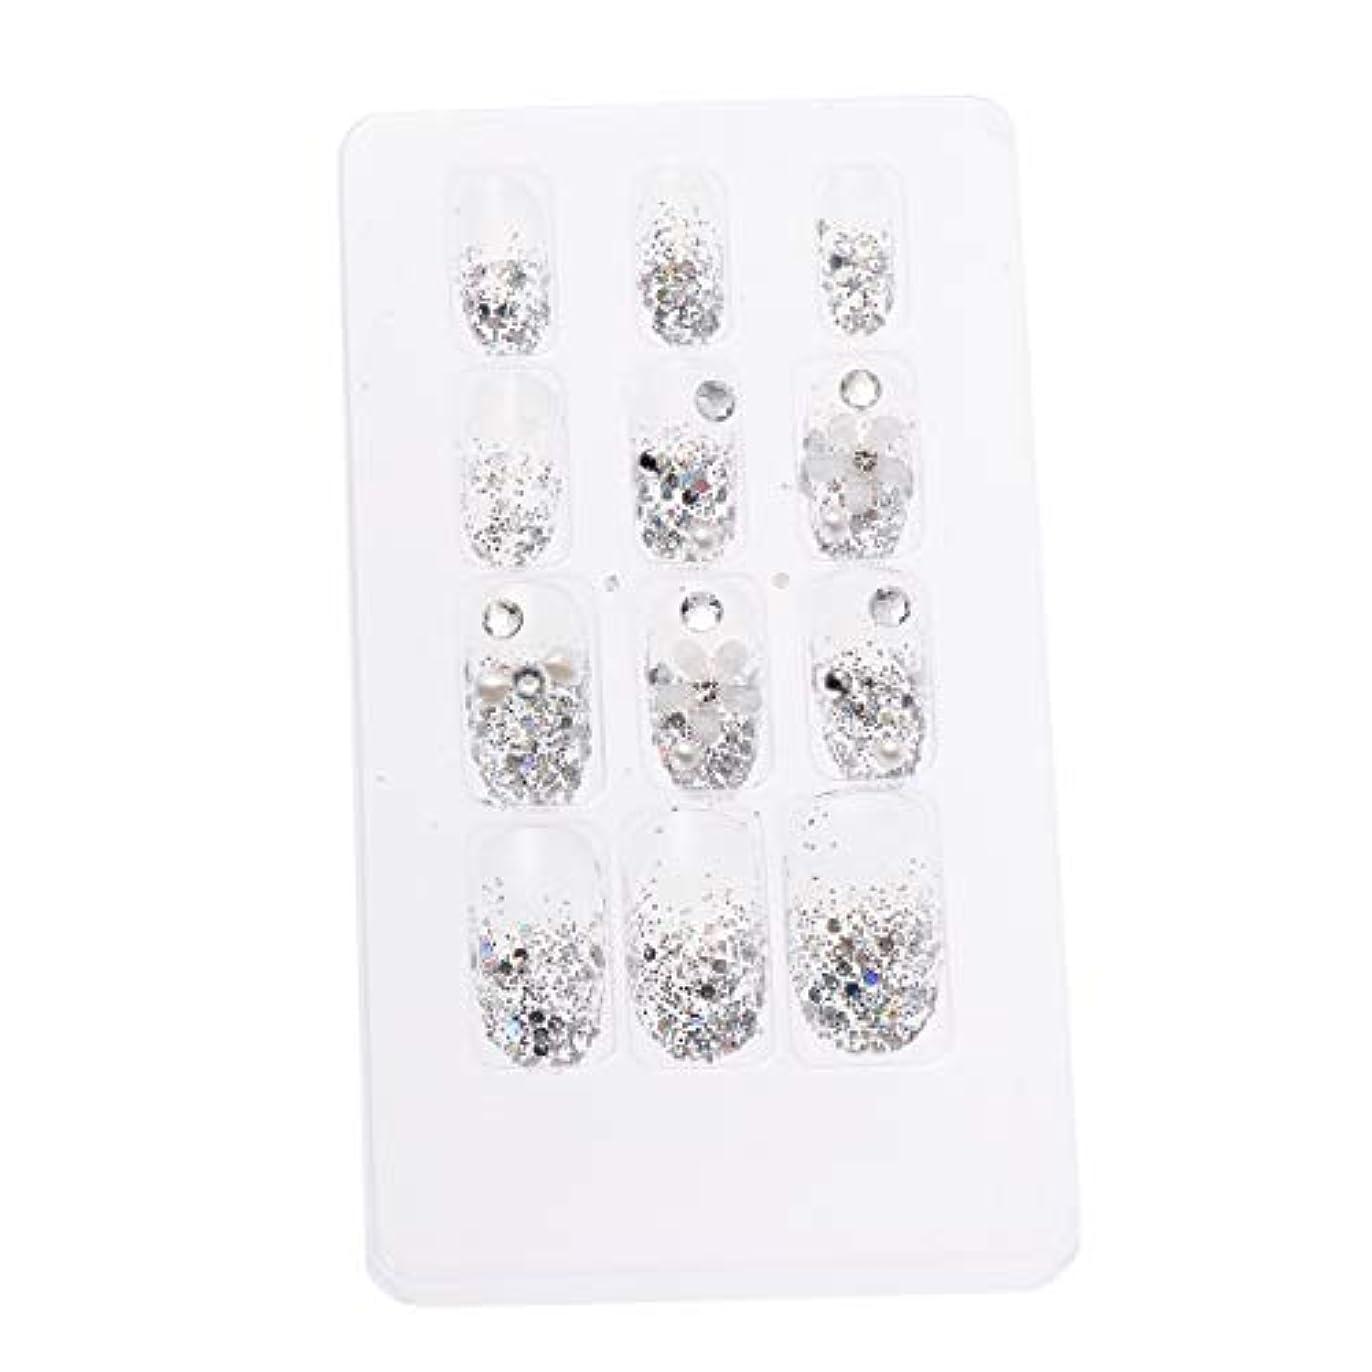 LURROSE 24ピースネイルステッカー 人工ダイヤモンド装飾ネイルアート用ブライダル女性